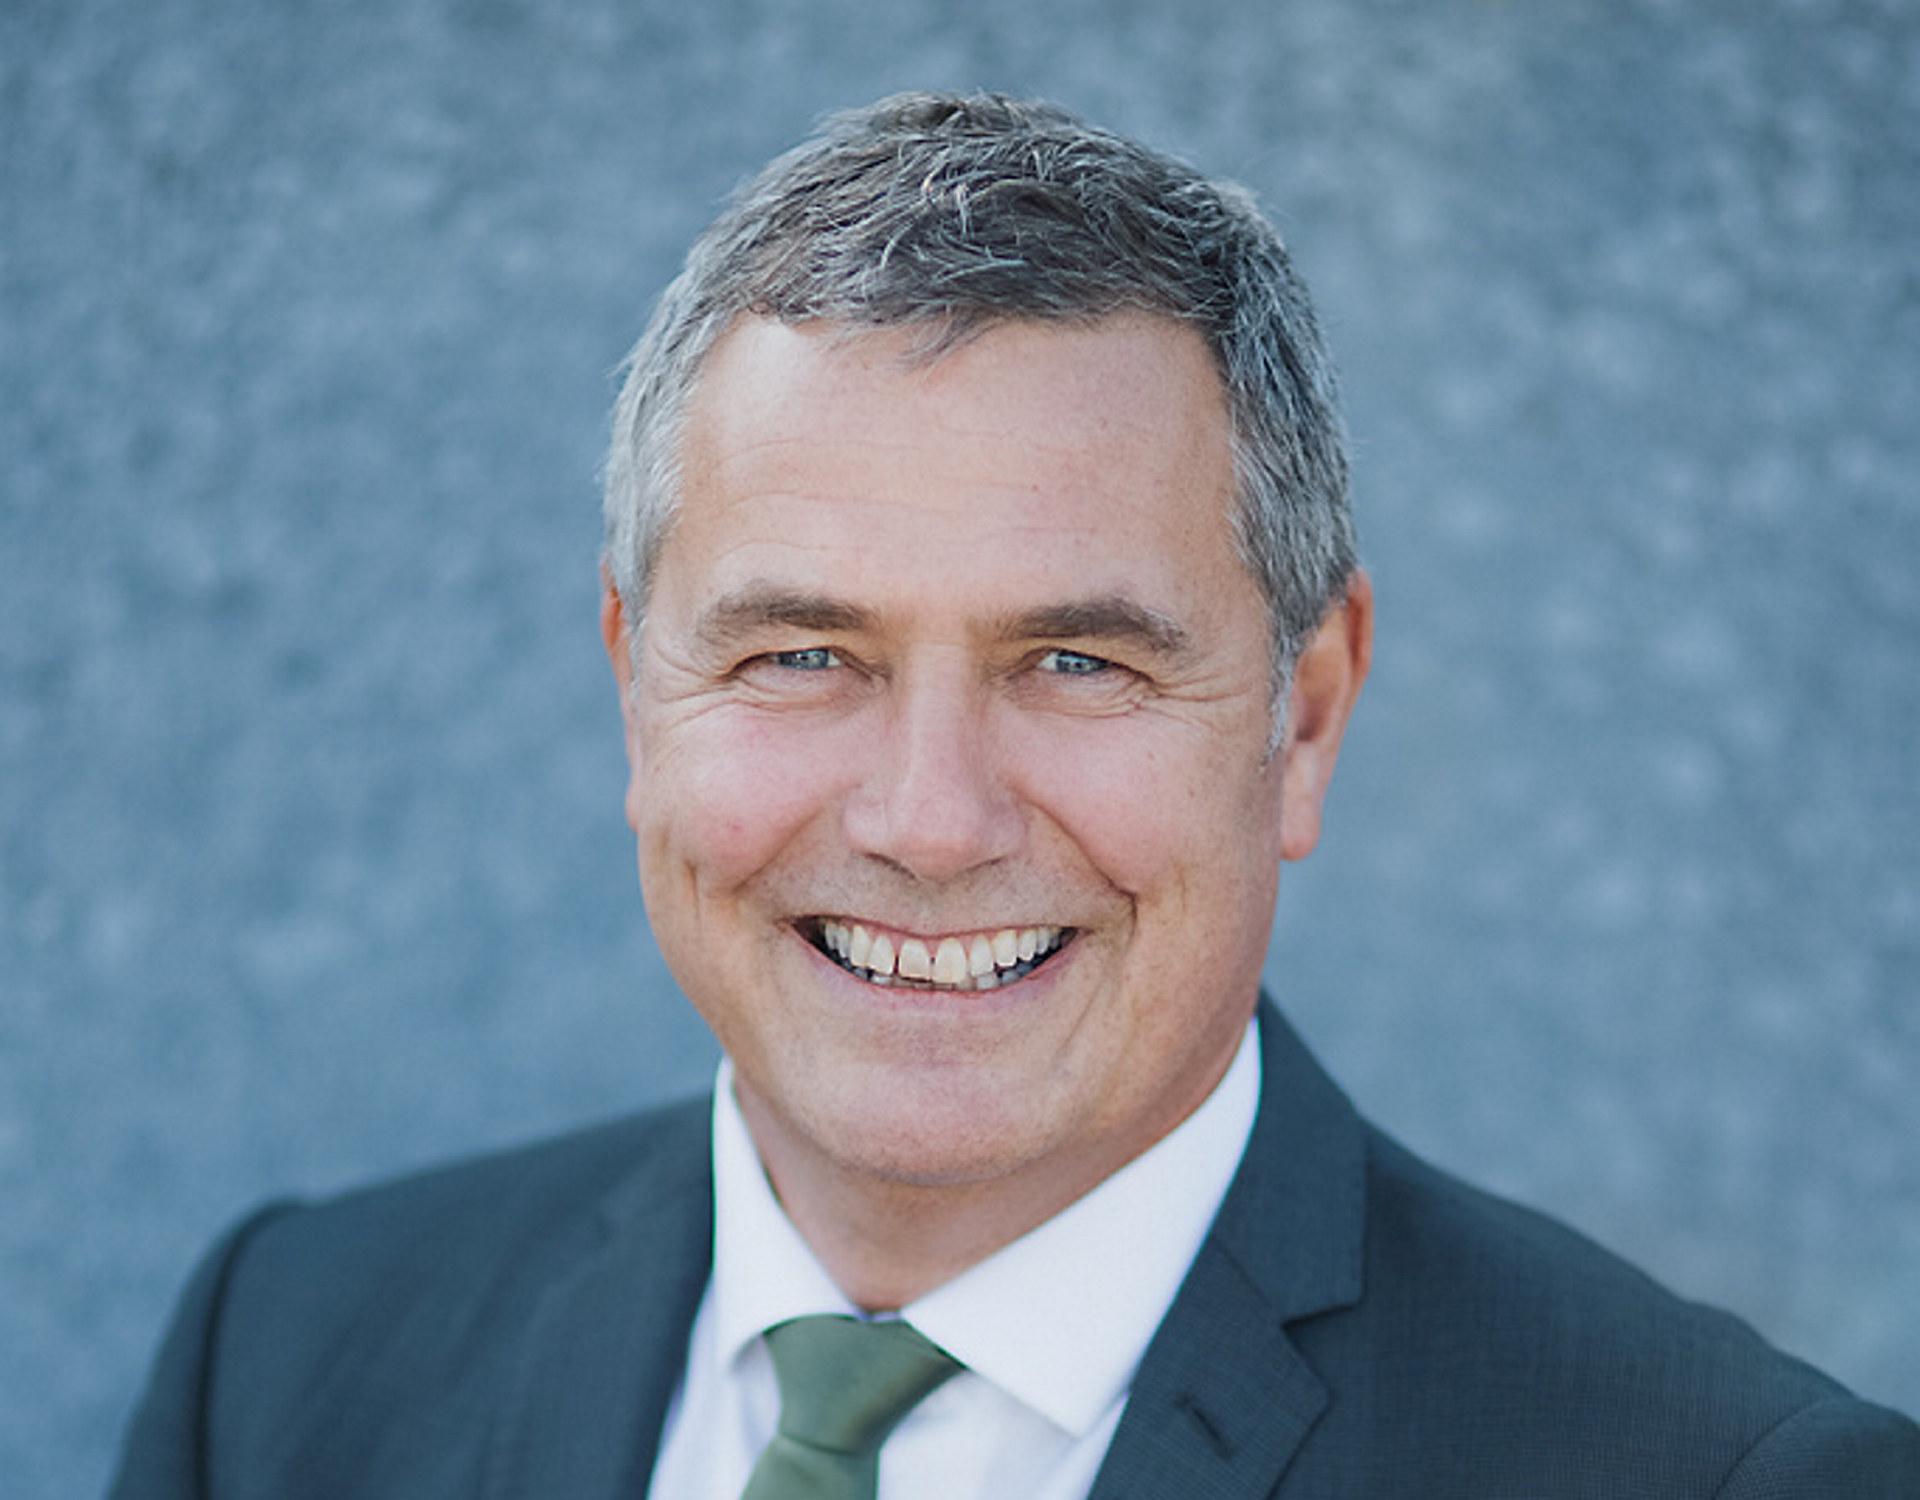 Administrerende direktør i KAEFER Energy, Bård Bjørshol. Foto: KAEFER Energy